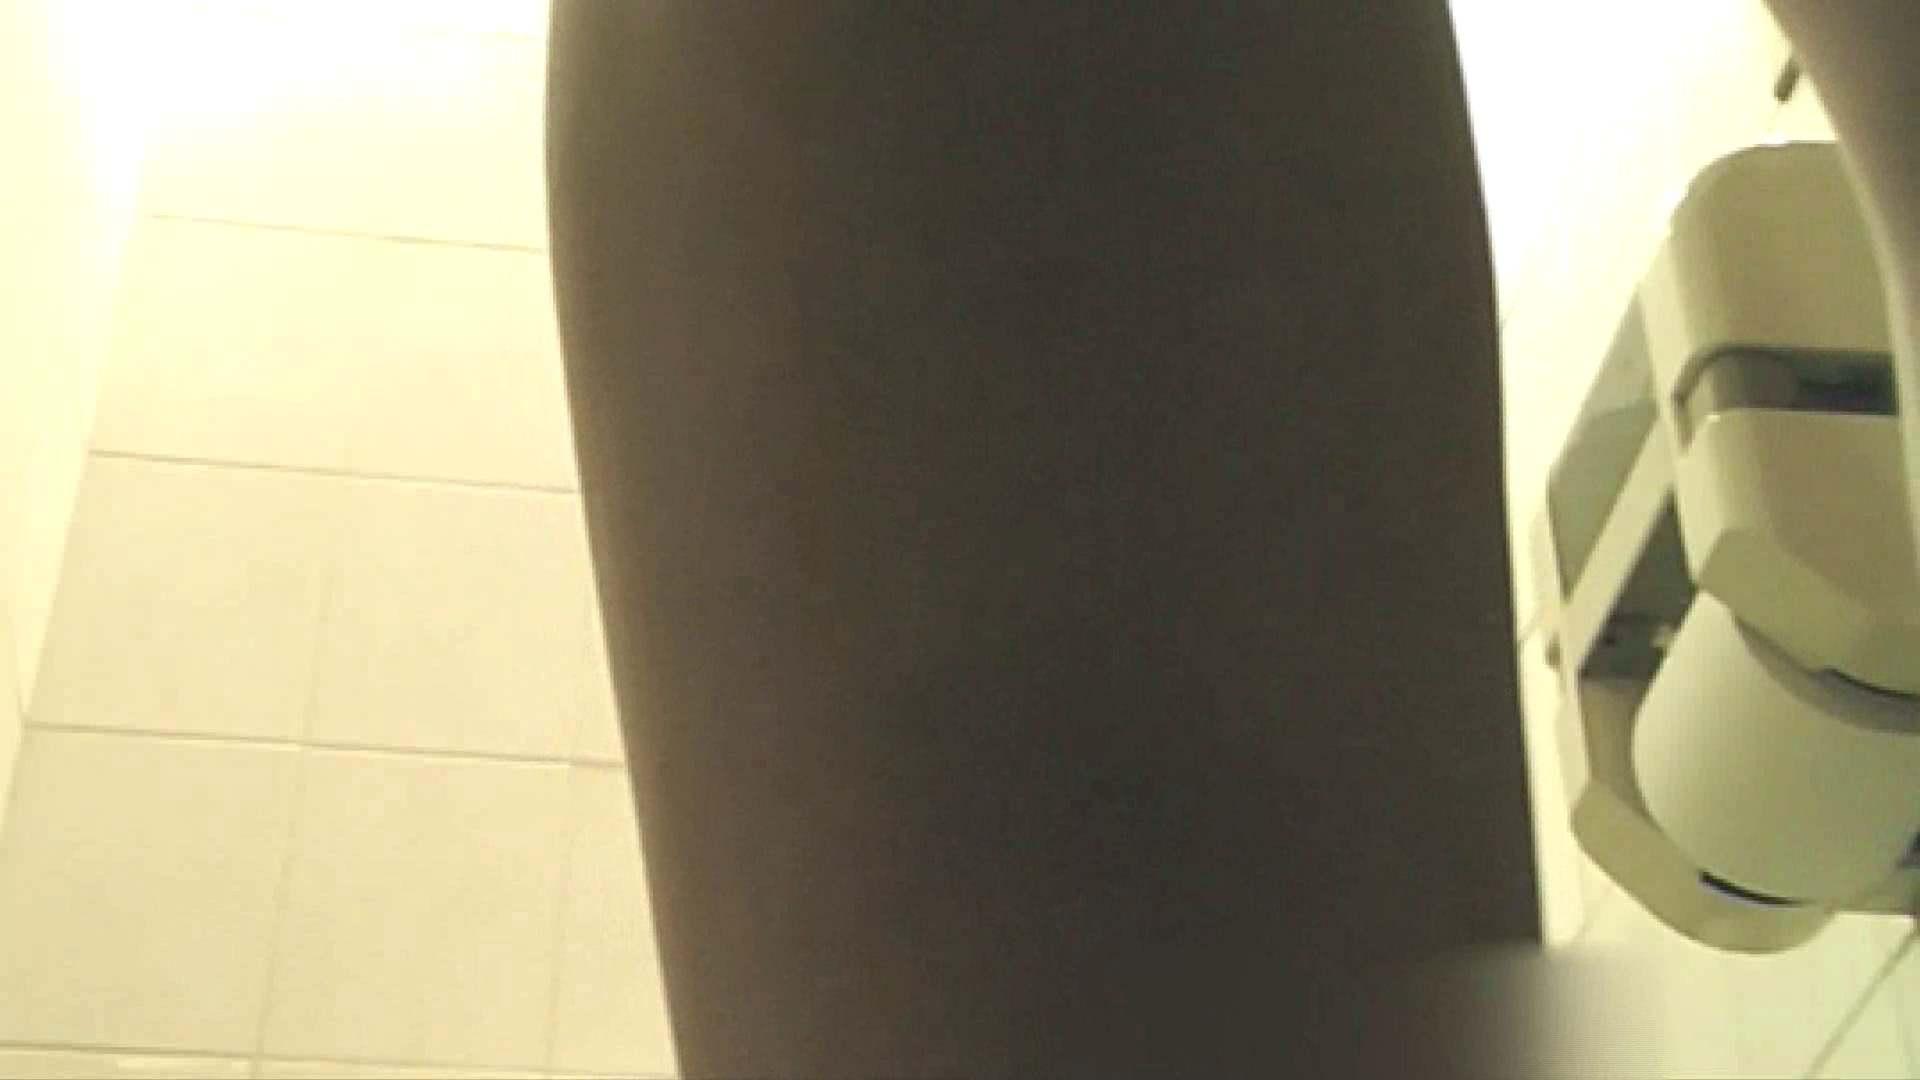 実録!!綺麗なお姉さんのトイレ事情・・・。vol.4 OL  72枚 13